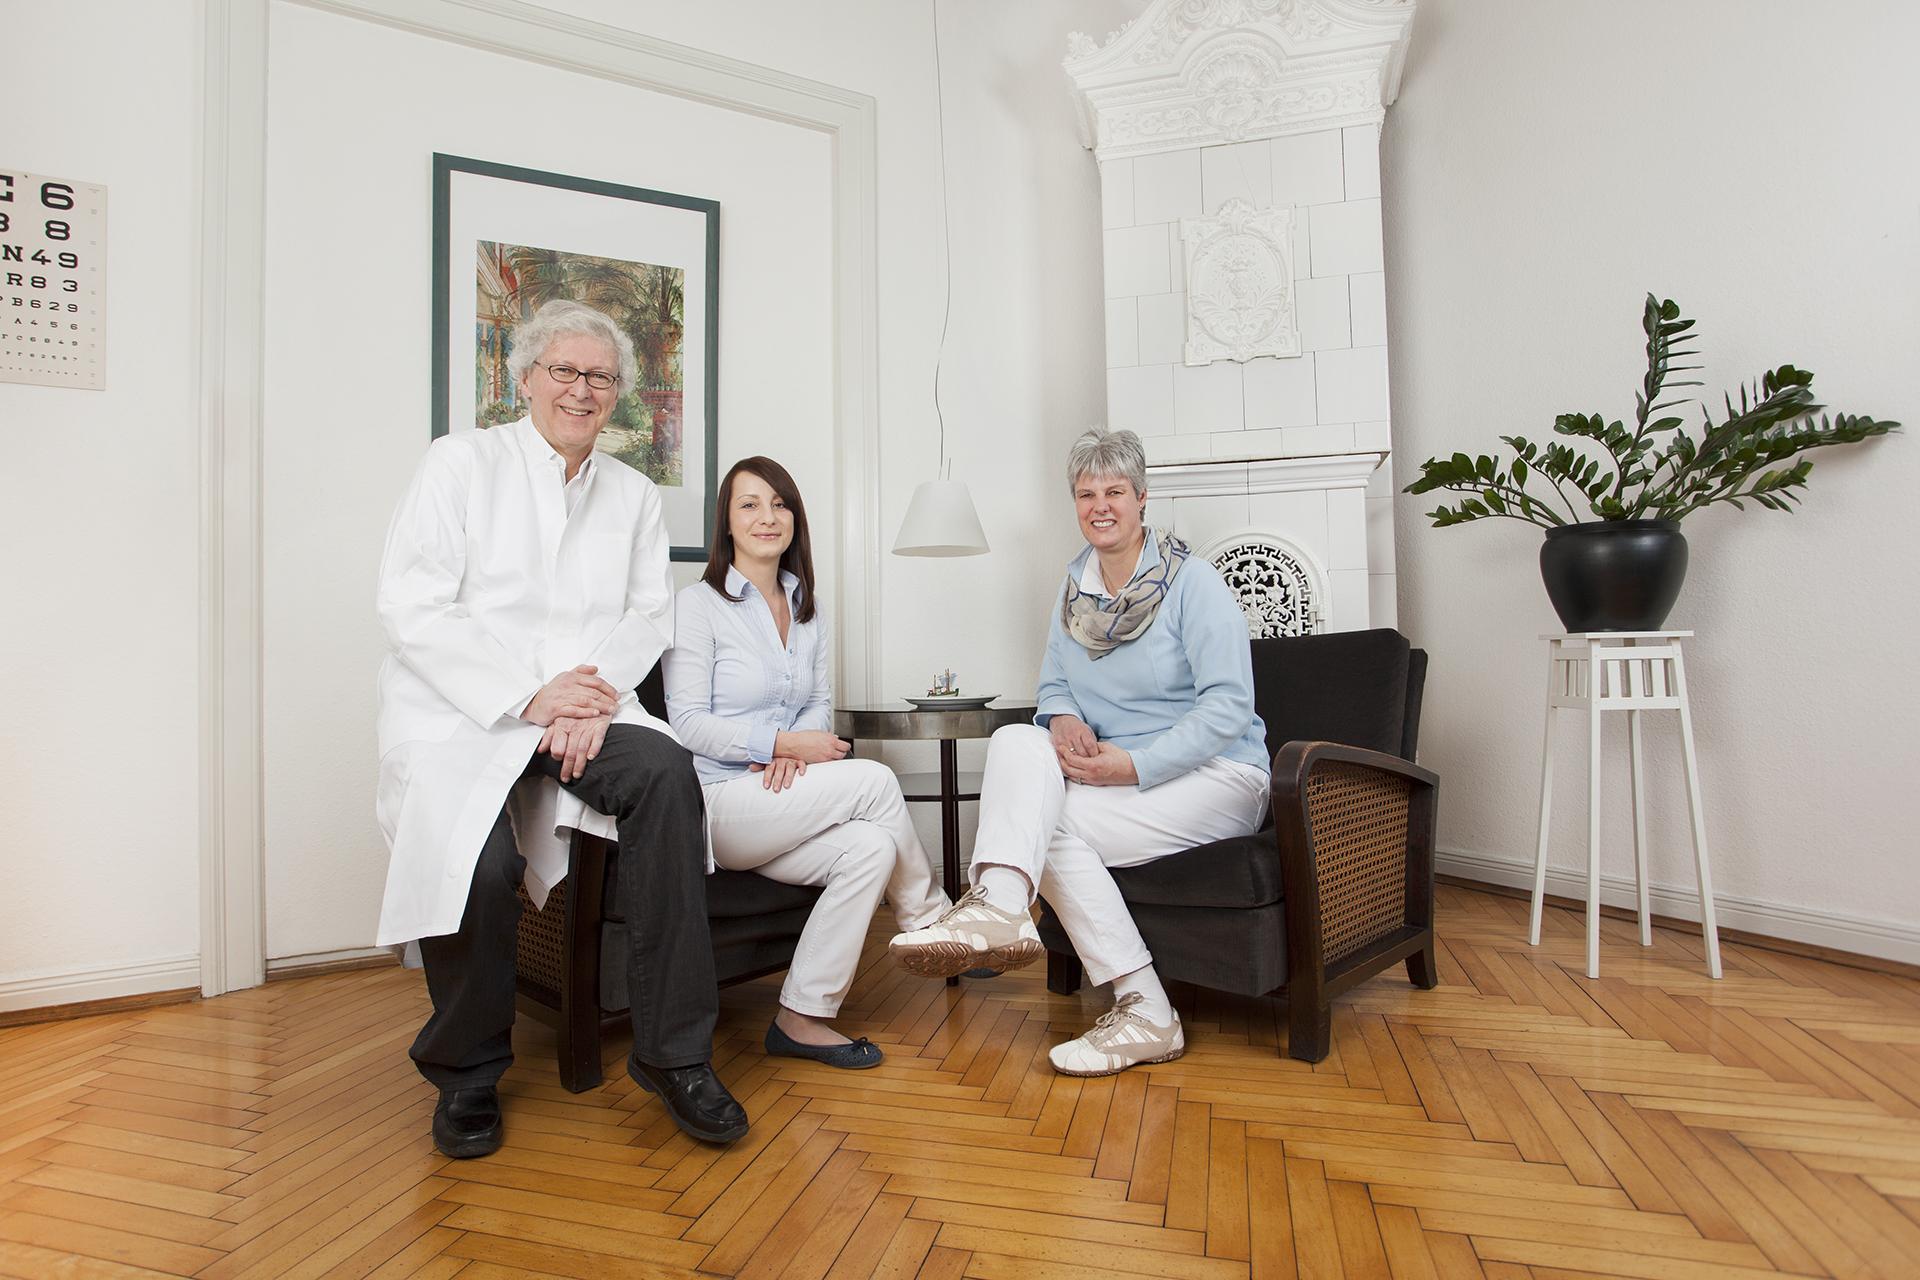 Berufsfotografin-Liesa-Flemming-Dr-Jonas-09